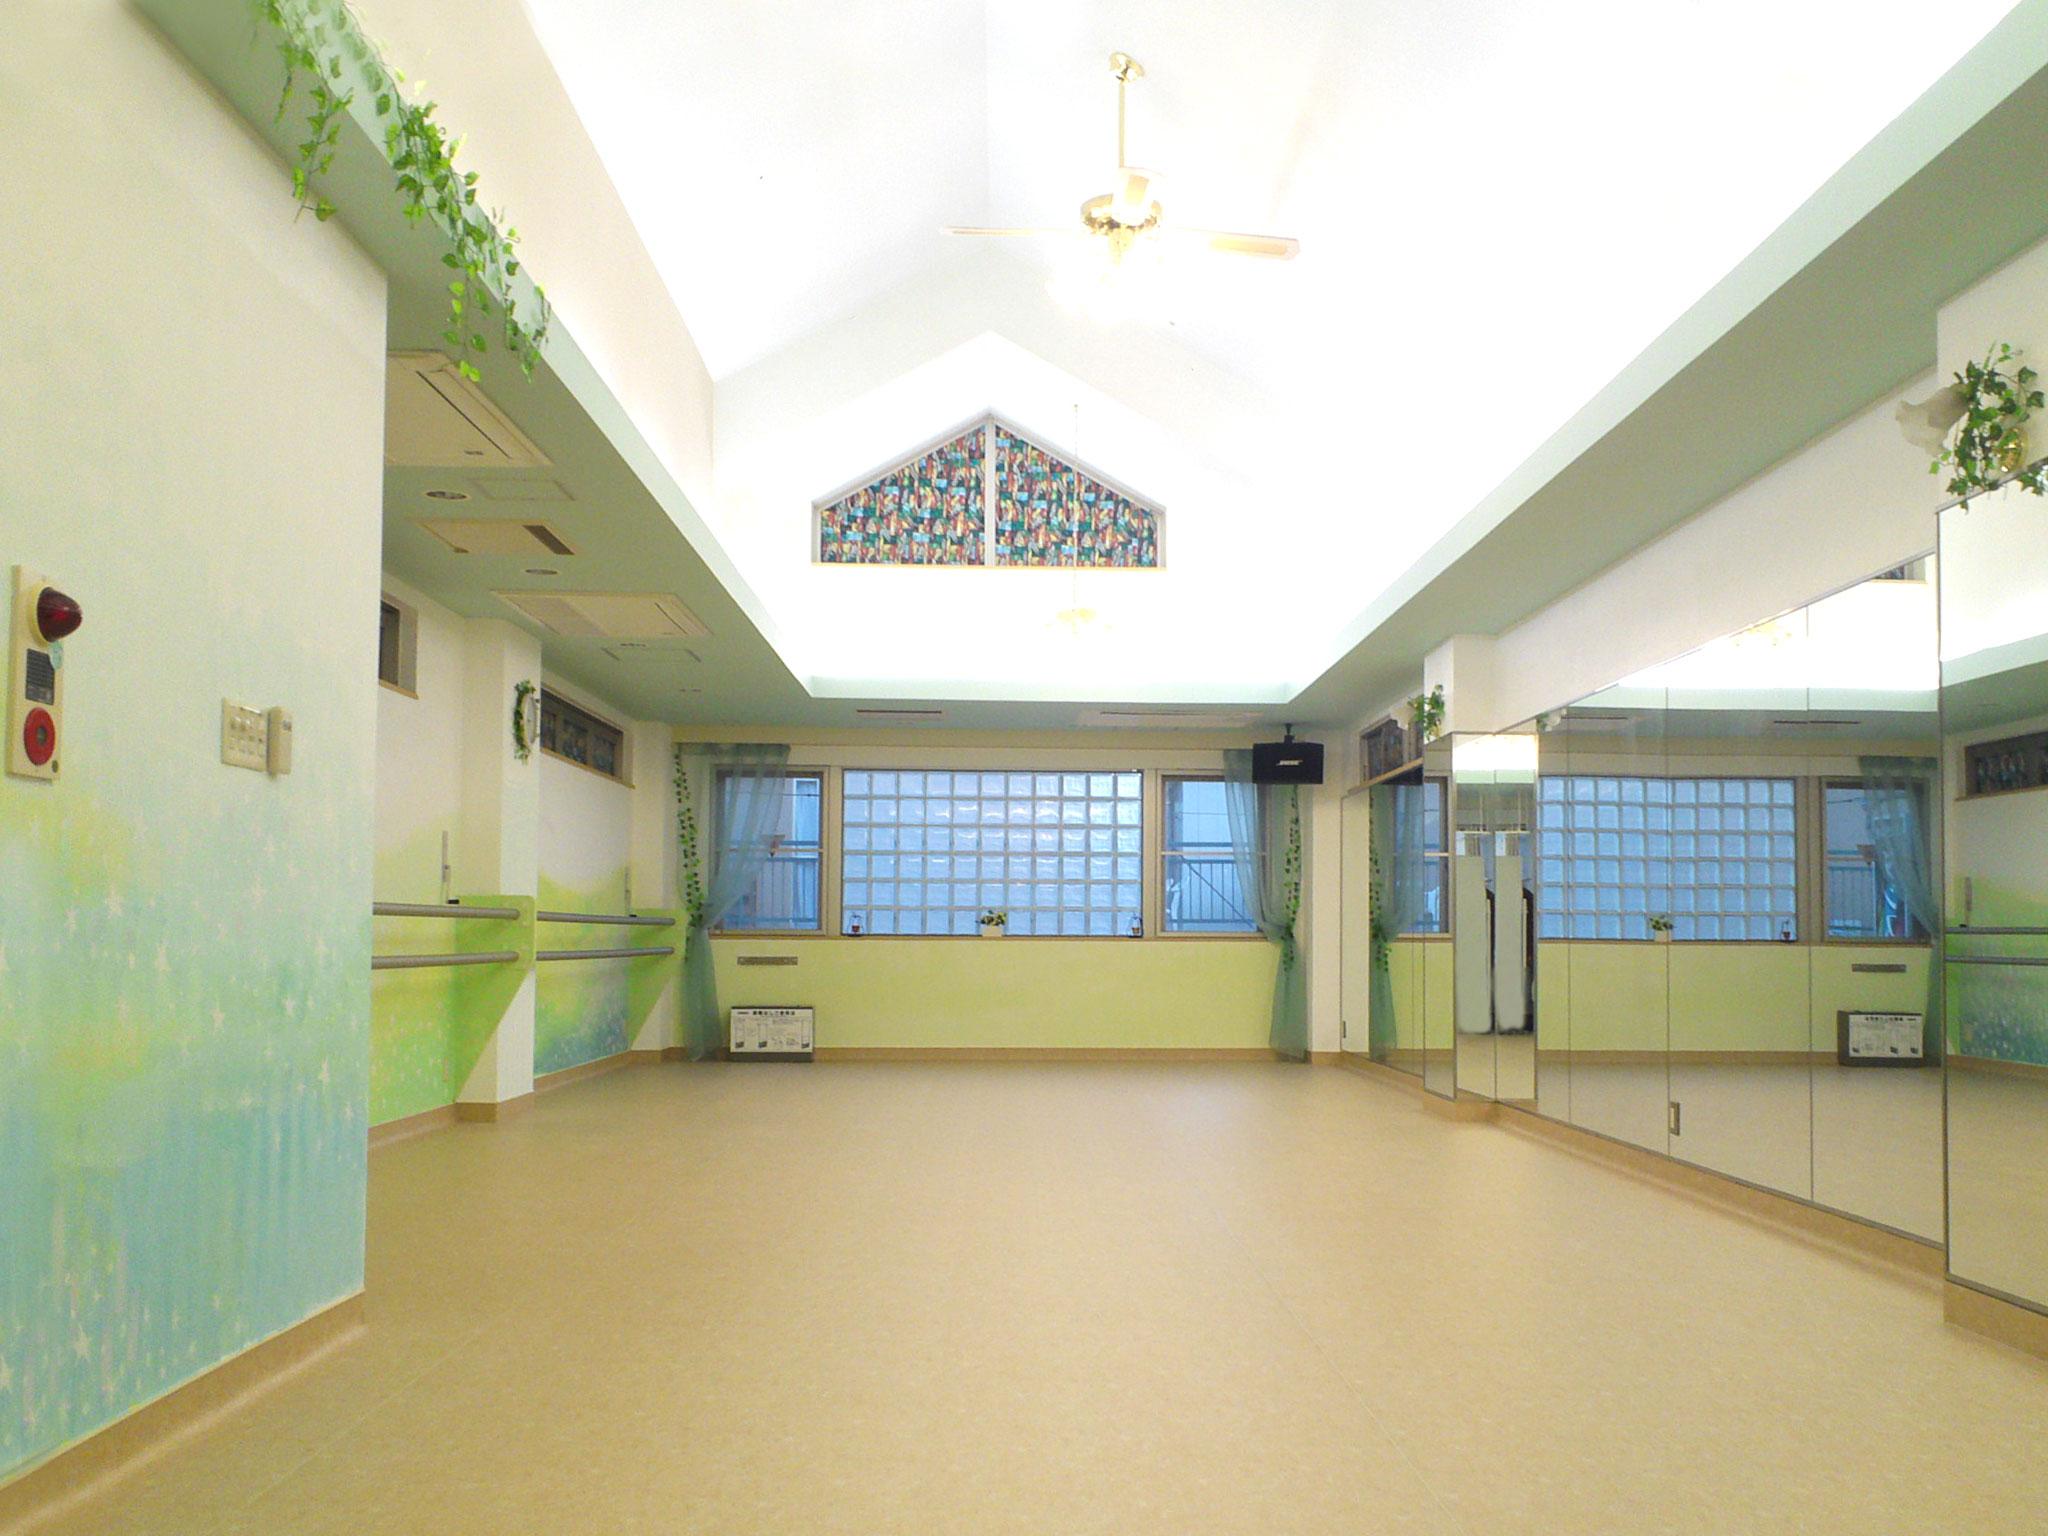 キッズダンス教室 杉並レンタルスタジオ